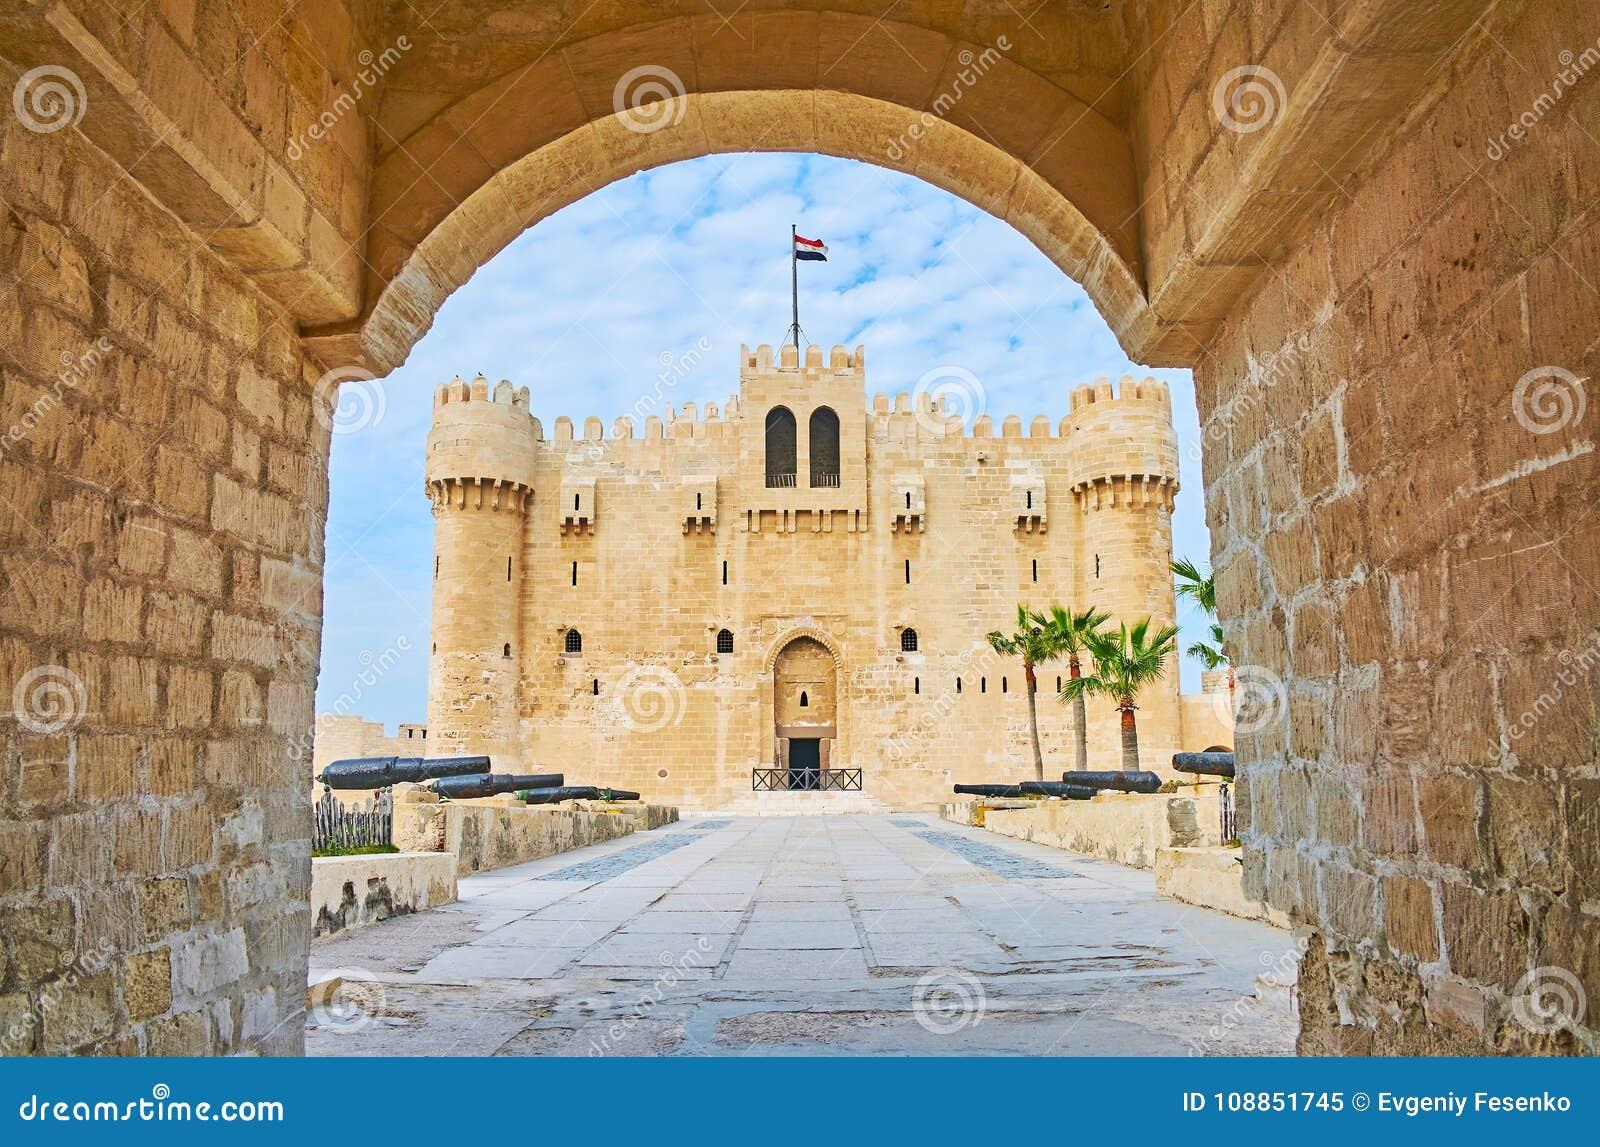 Το κάστρο μέσω της πύλης, Αλεξάνδρεια, Αίγυπτος